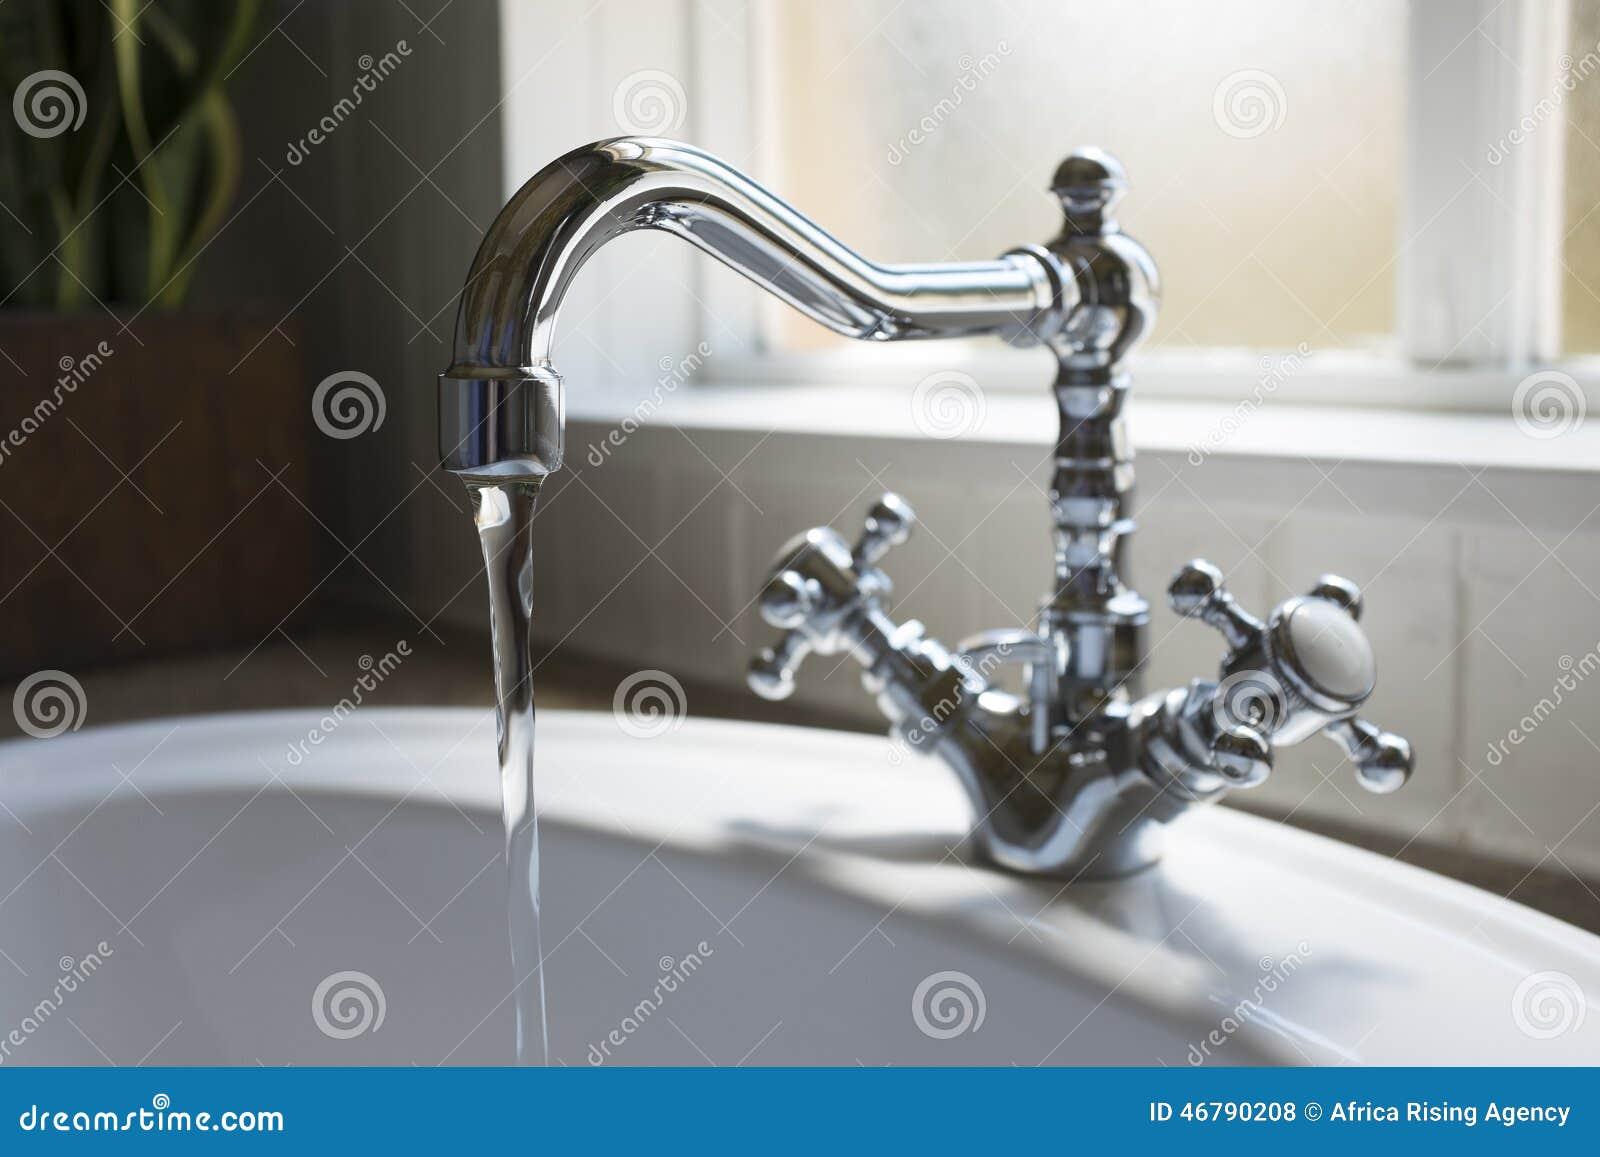 Gammal retro handfat för vattenklapp i modernt badrum arkivfoto ...